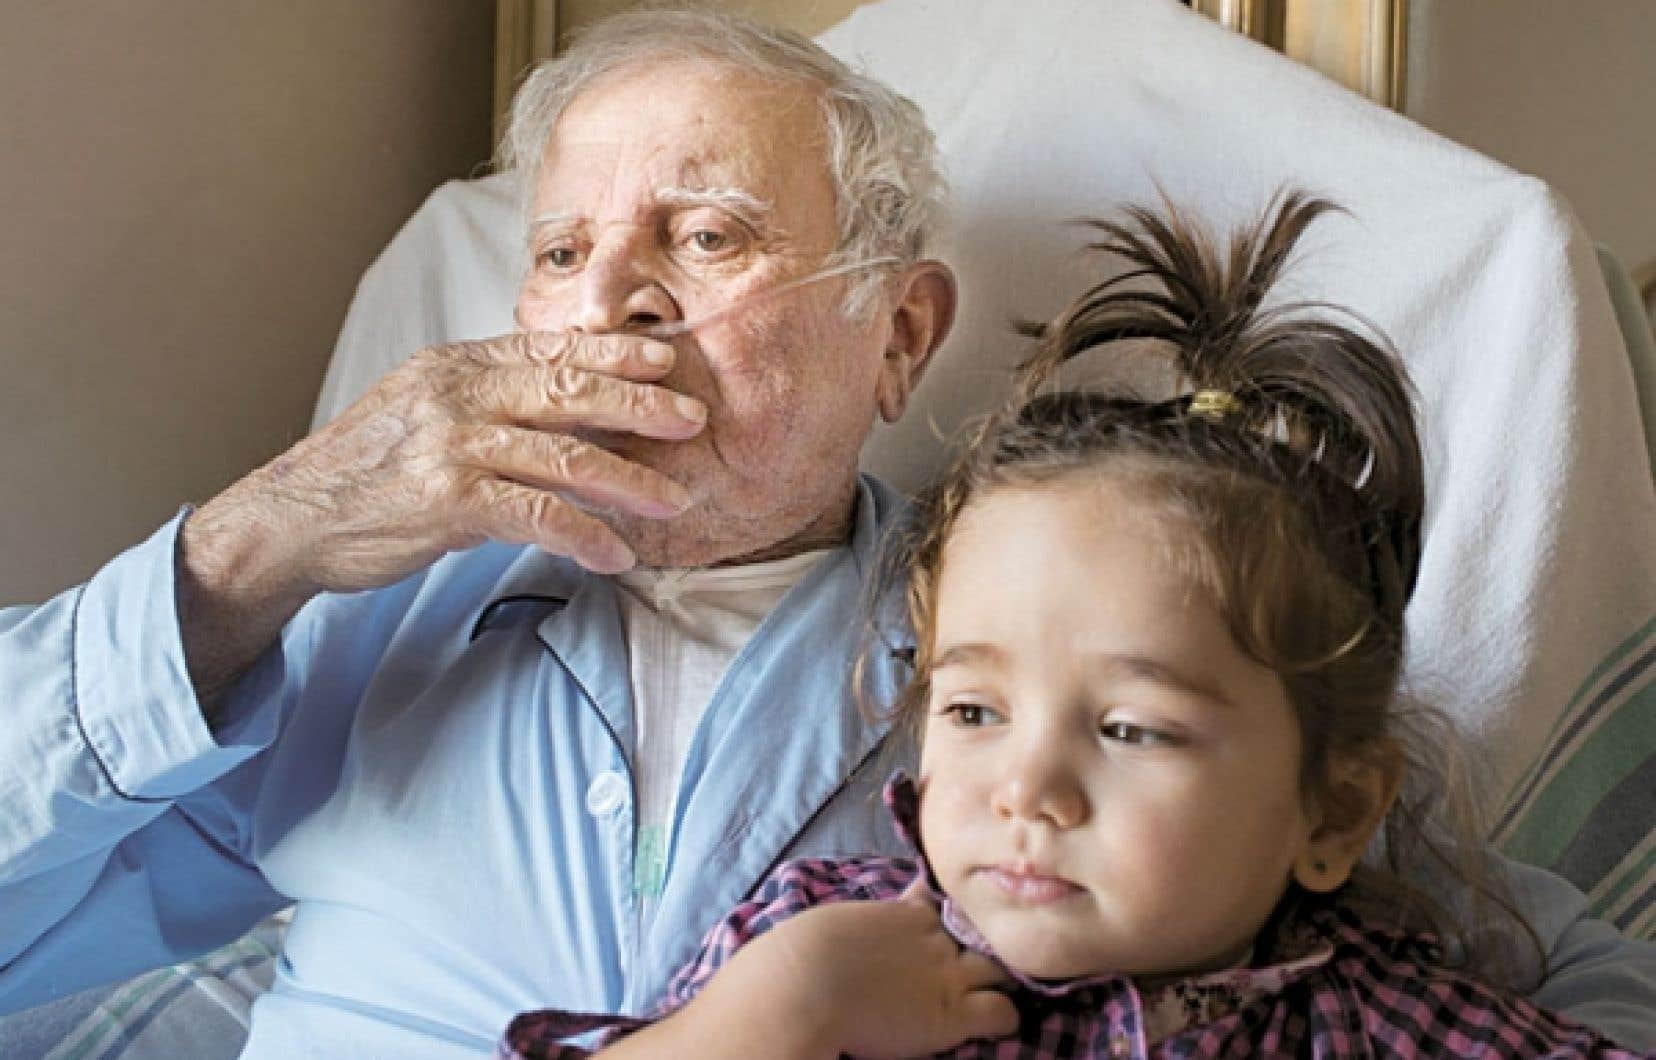 Carmine Di Raddo, que l'on voit ici avec sa petite-fille, est atteint d'un cancer.